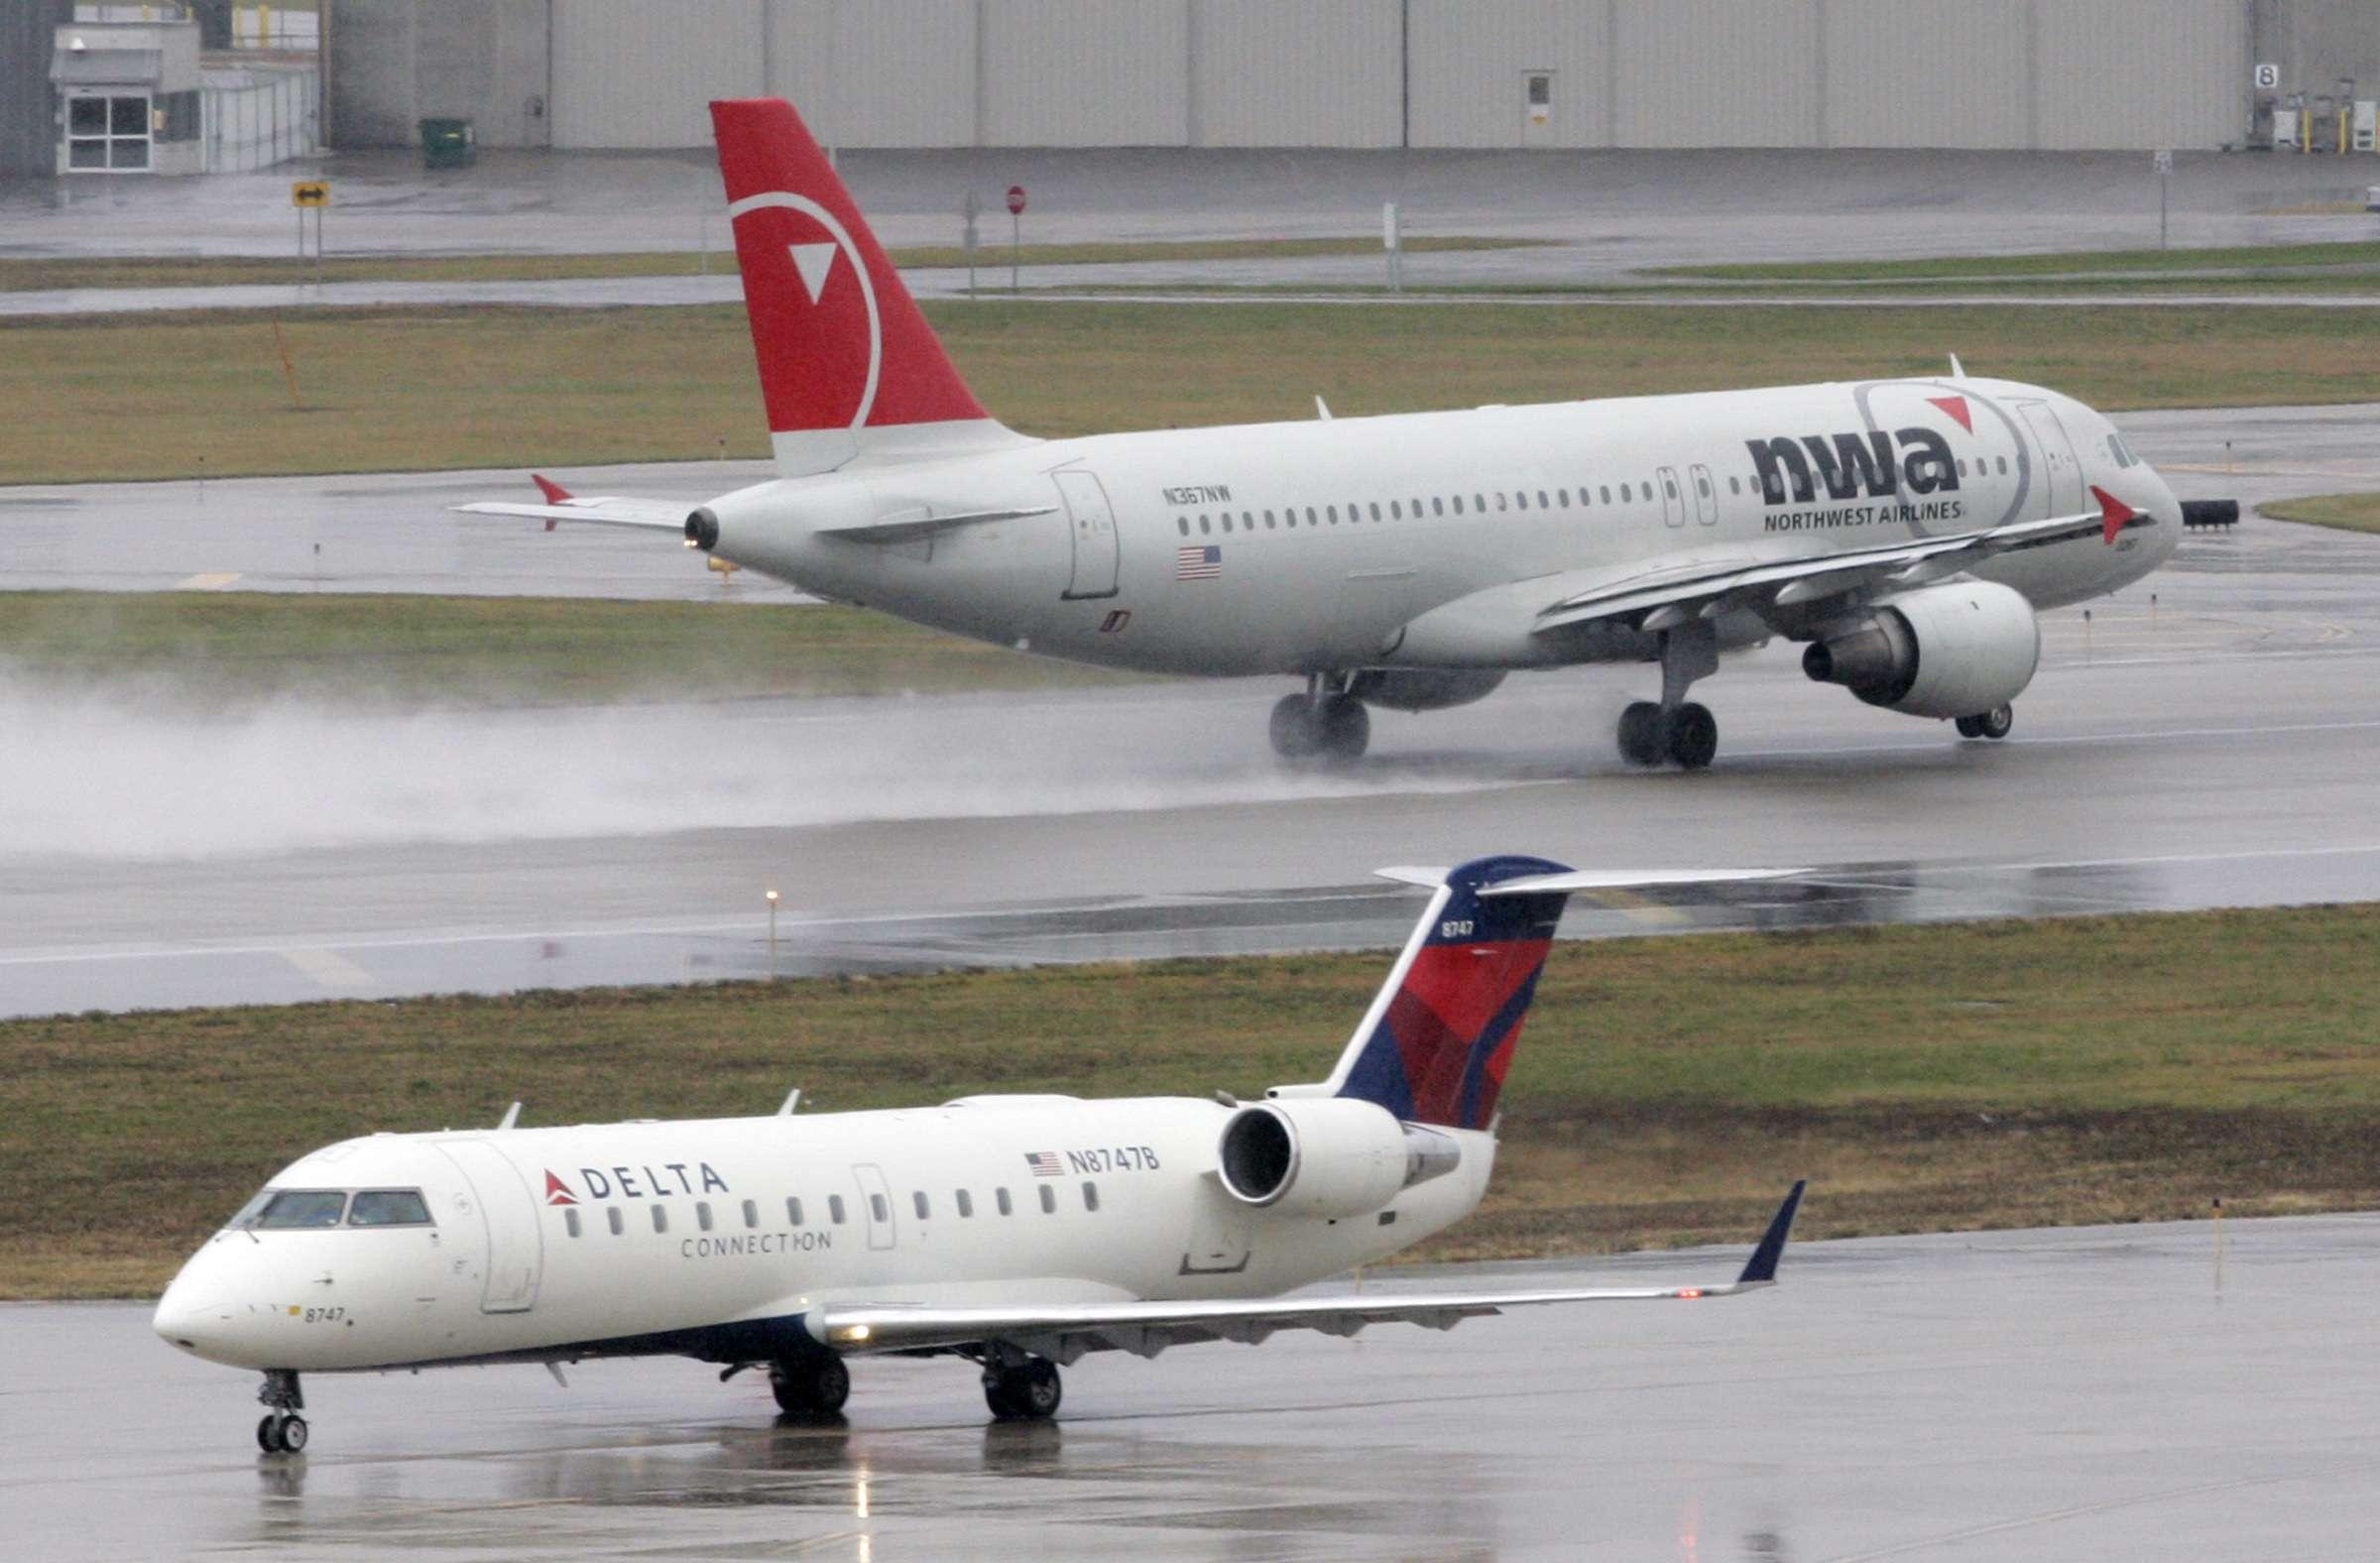 Un avión de Delta 757 participó en el incidente en el aeropuerto de Minnesota, que afortunadamente no dejó heridos. Foto: AP en español